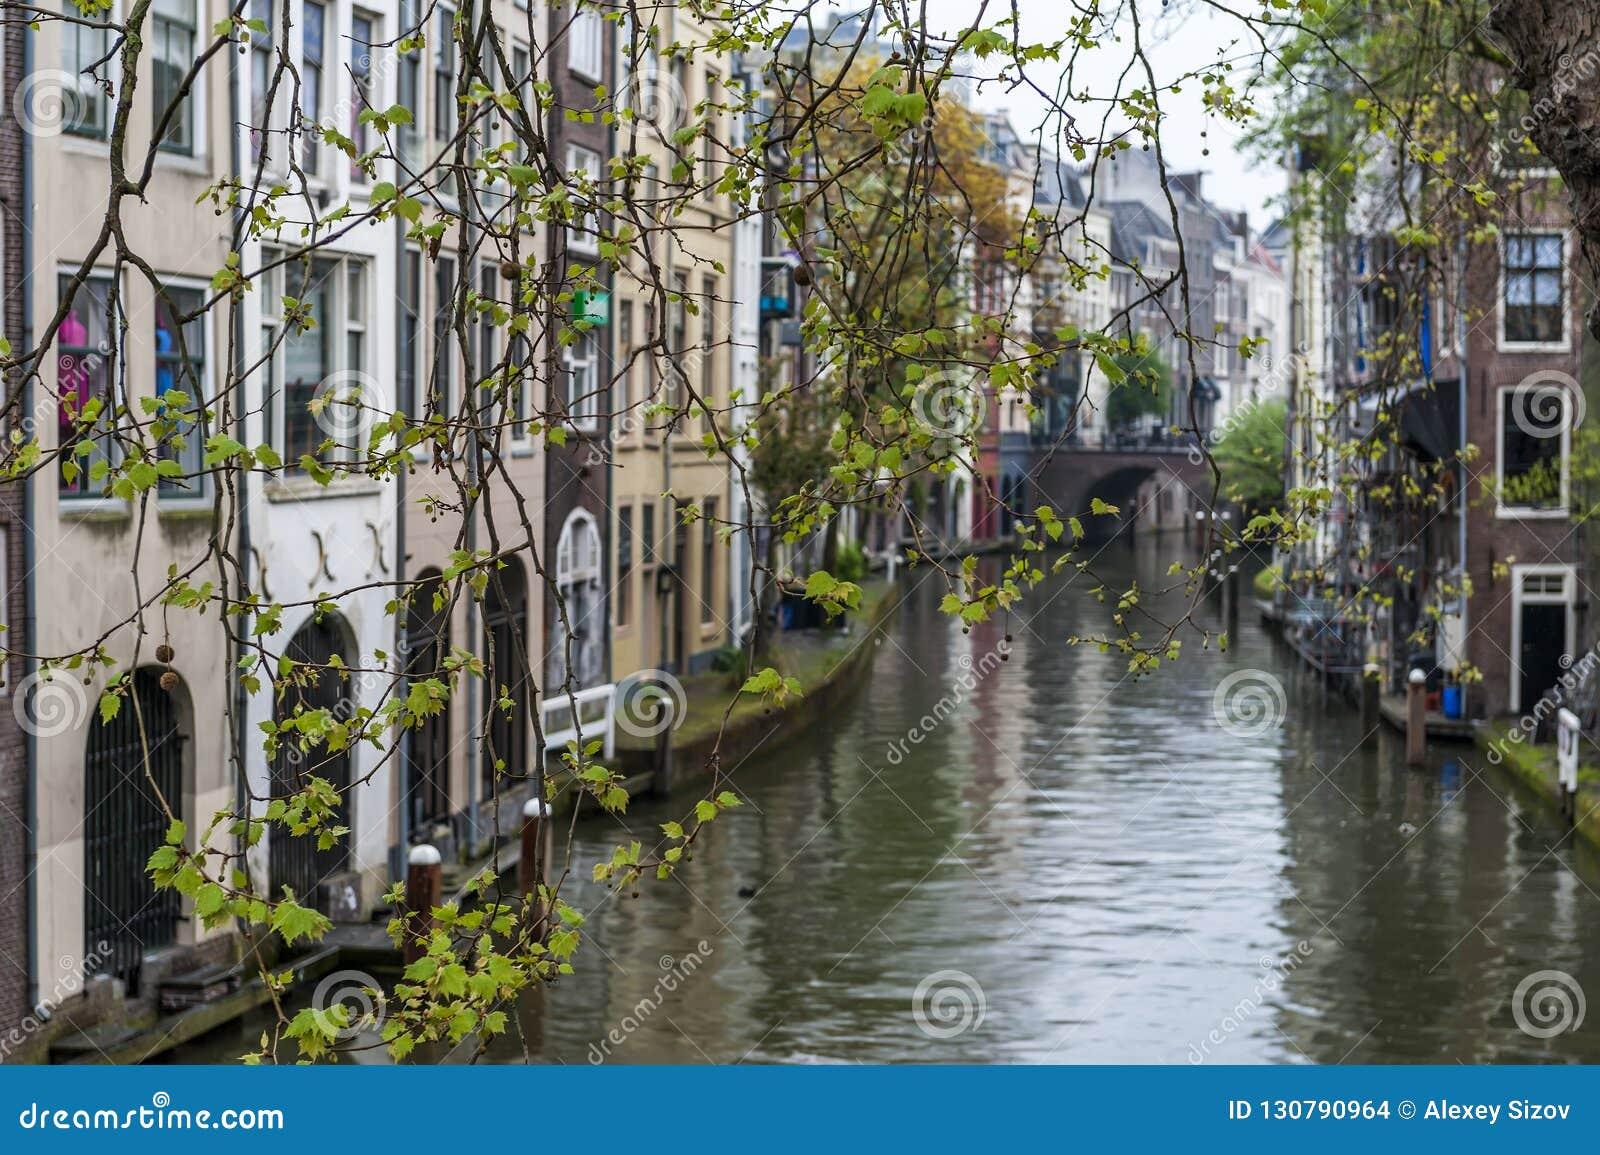 Utrecht canal holland